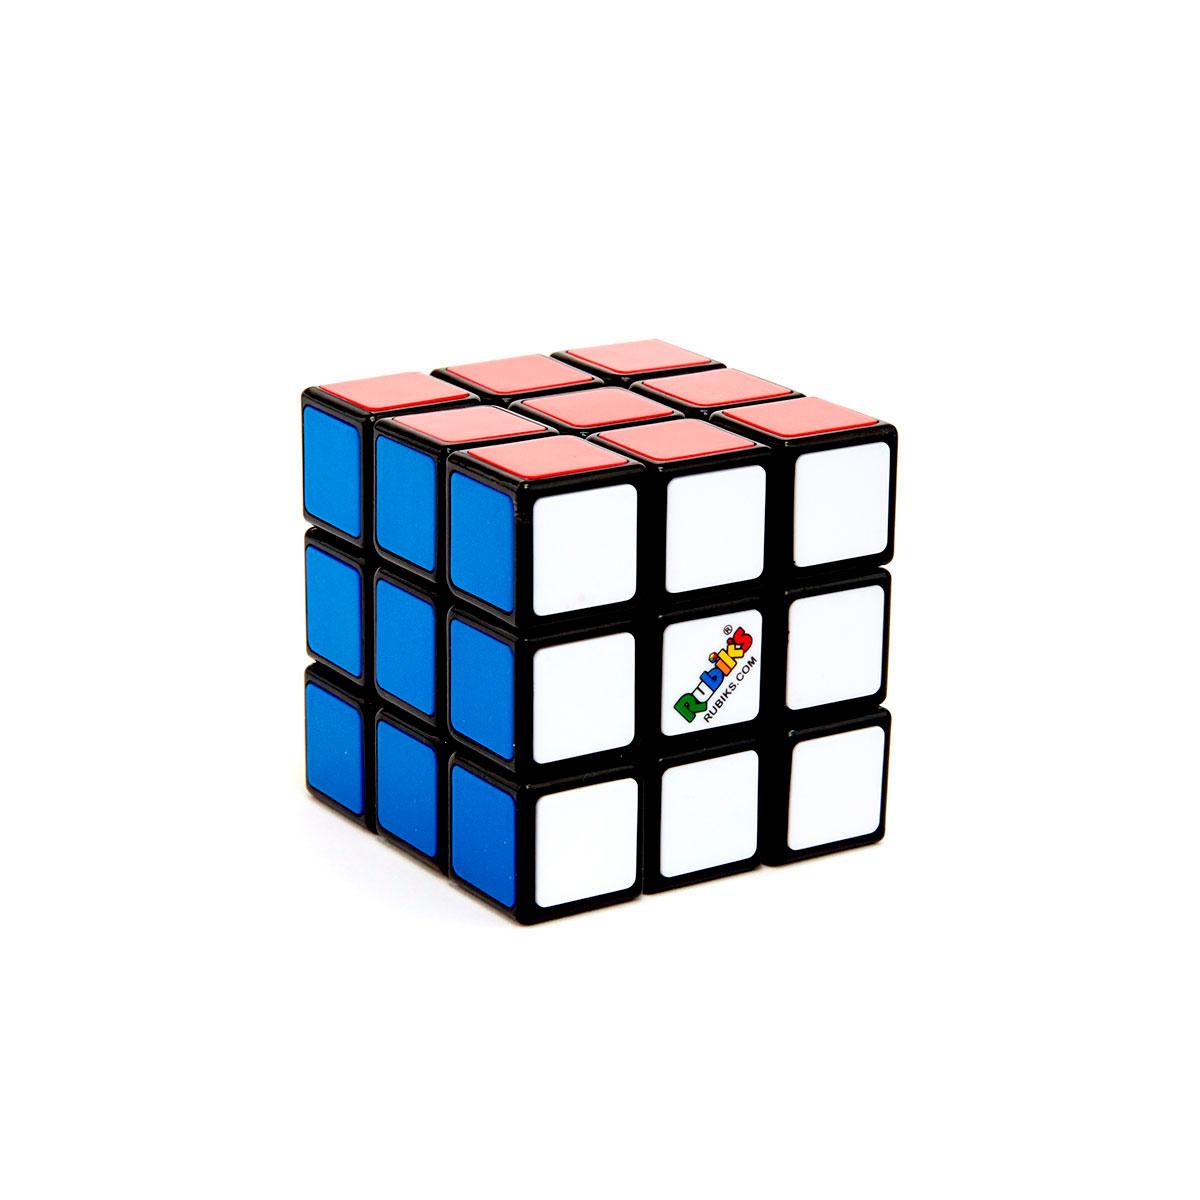 IA3-000360 Joc Cub RUBIK'S 3*3